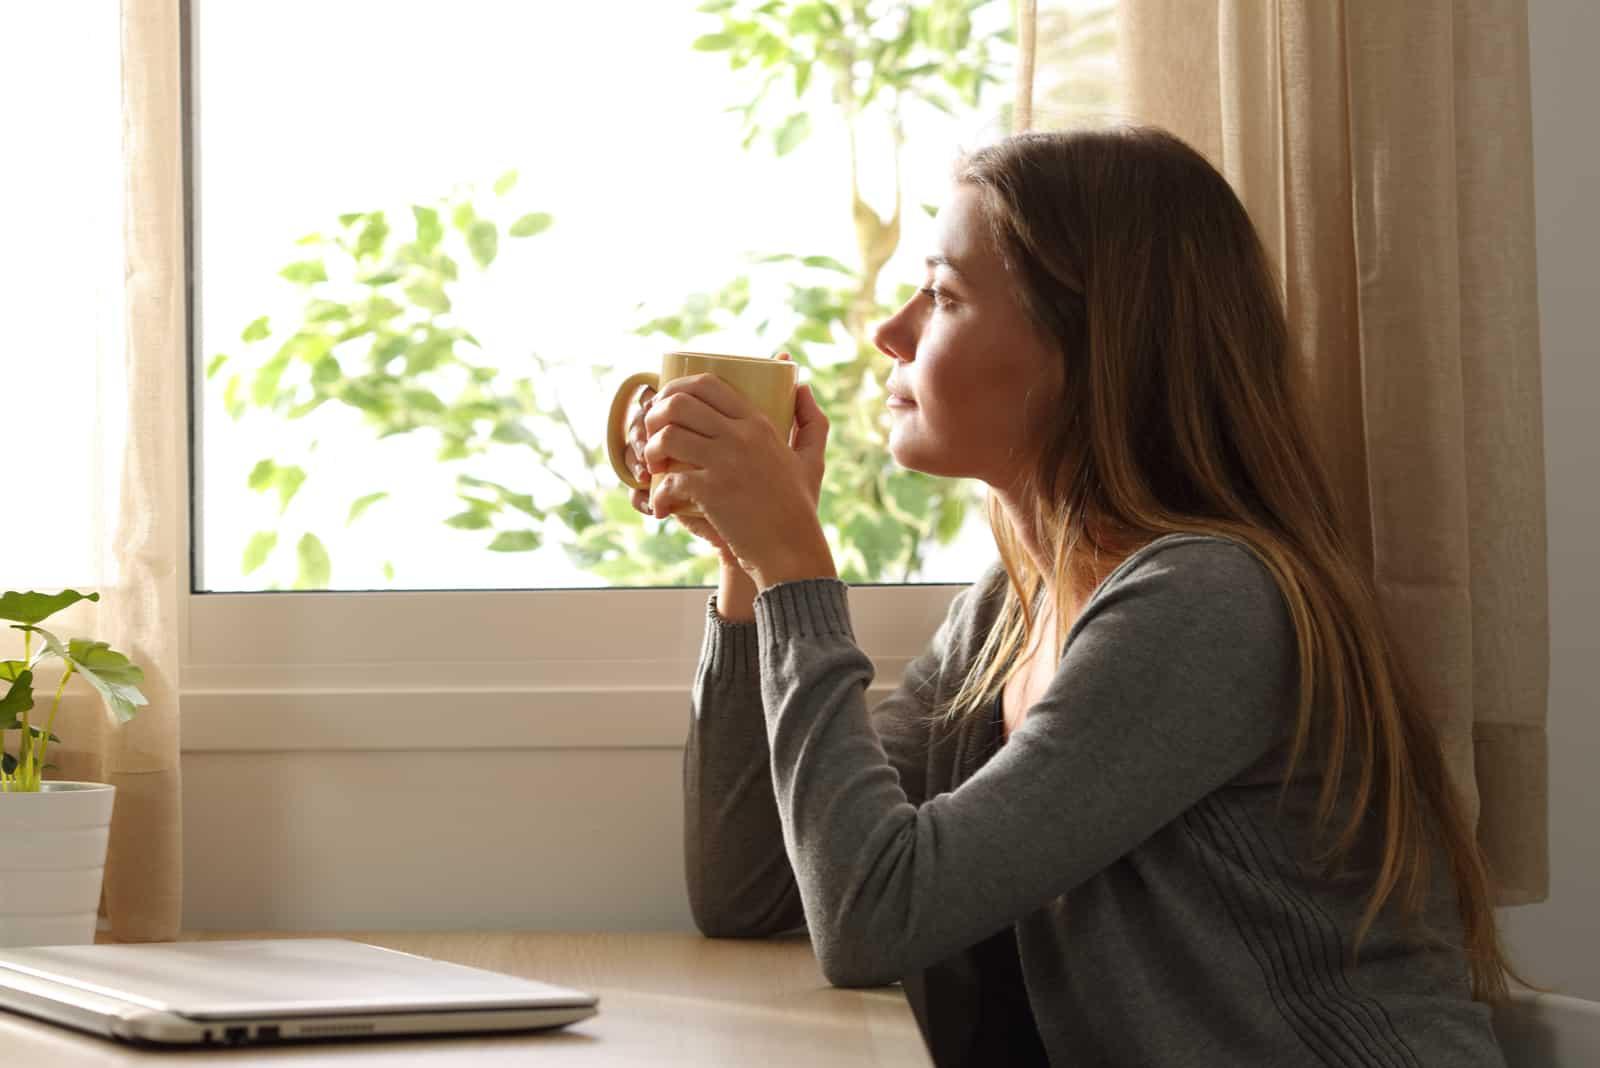 la femme s'assied à la table buvant du café et regardant par la fenêtre